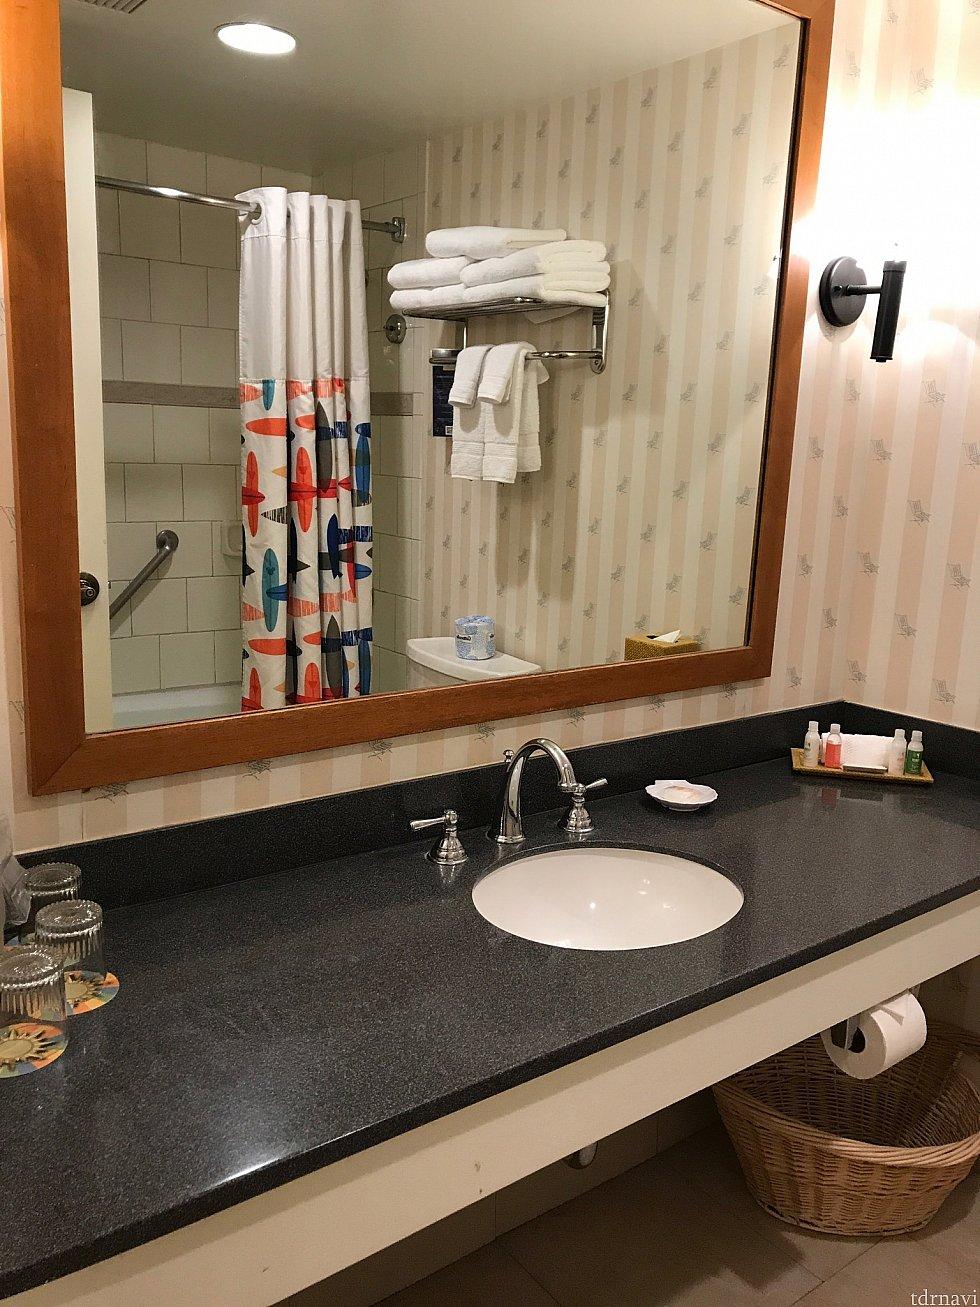 お風呂場のシャワーカーテンもサーフボード柄☆